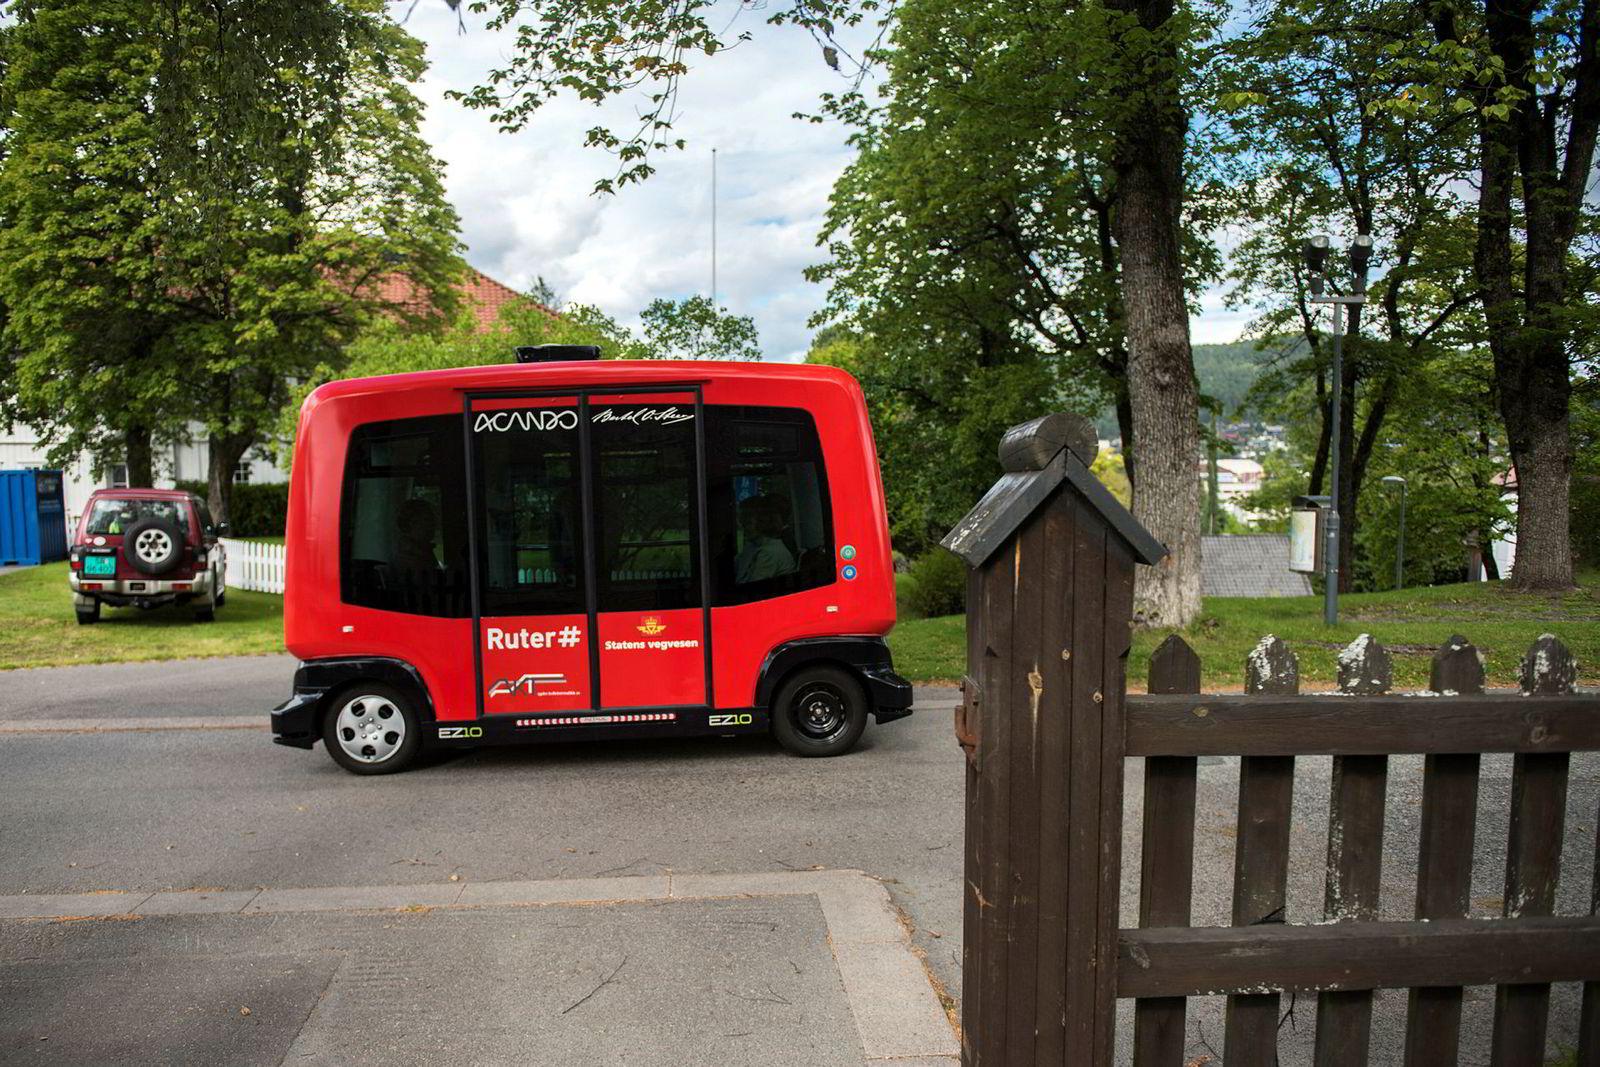 Selvkjørende busser som denne skal ut på norske veier i nær fremtid.